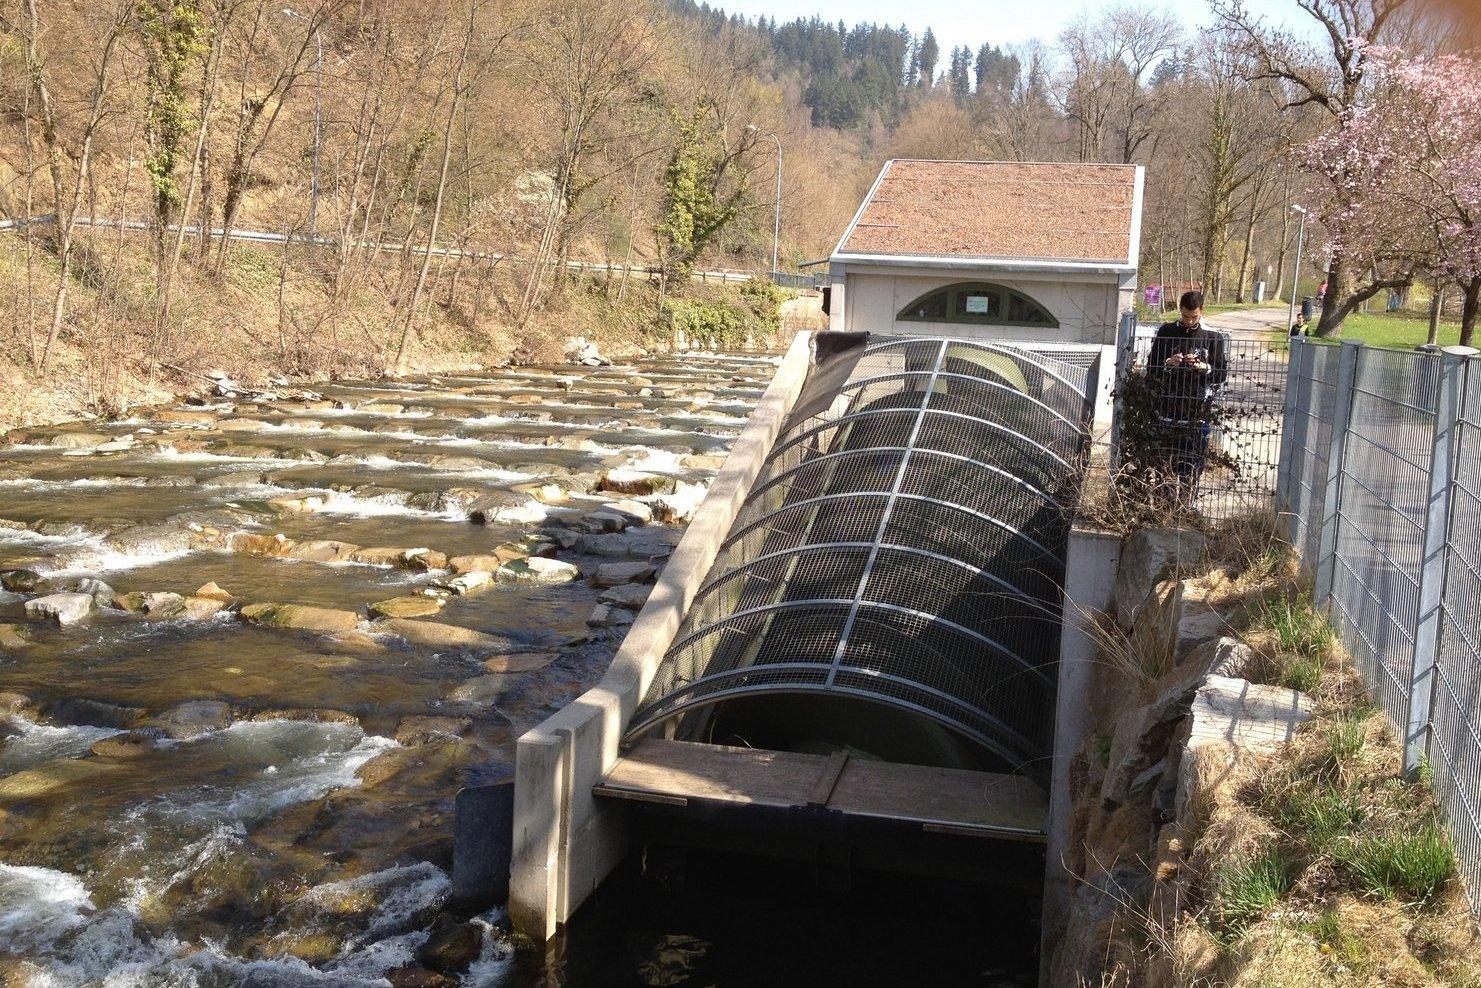 Le centrali micro-idroelettriche sul fiume Dreisam